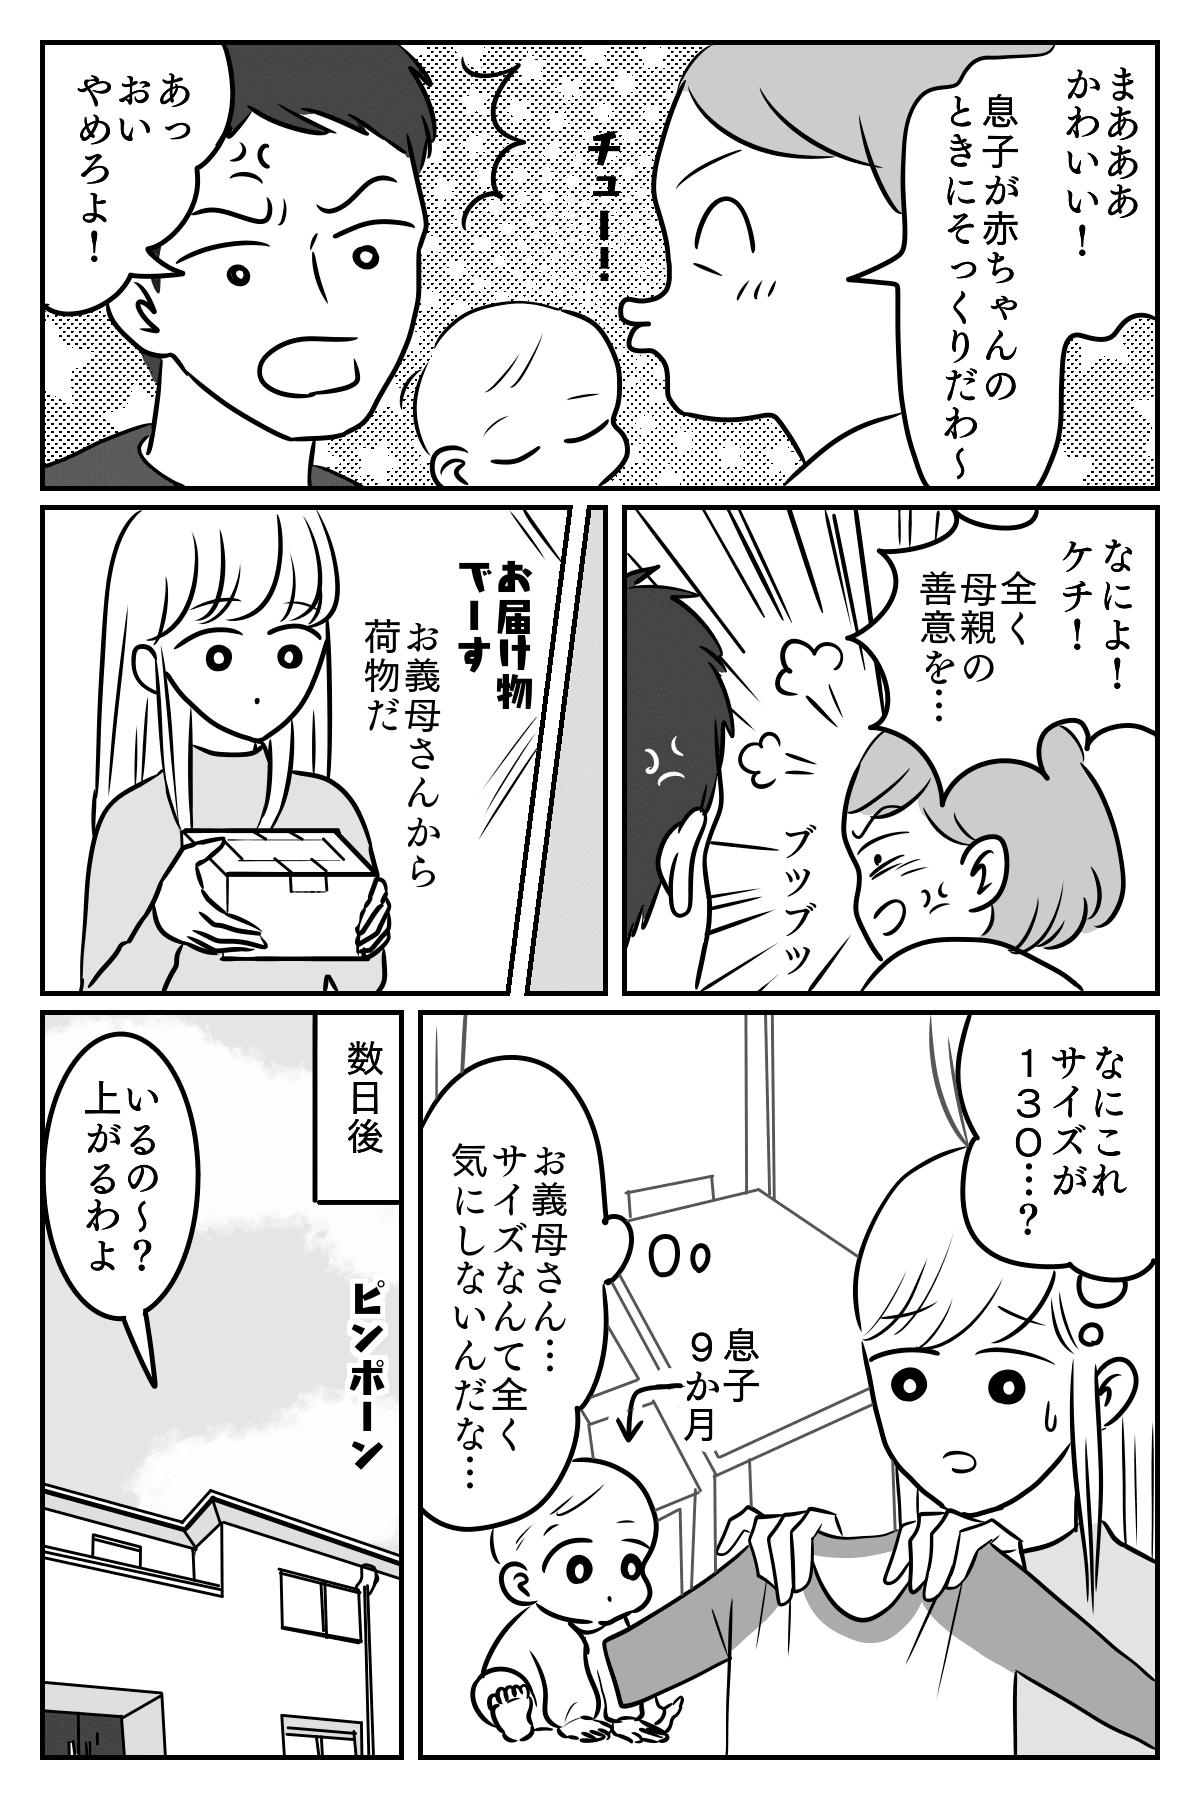 無神経義母前編02